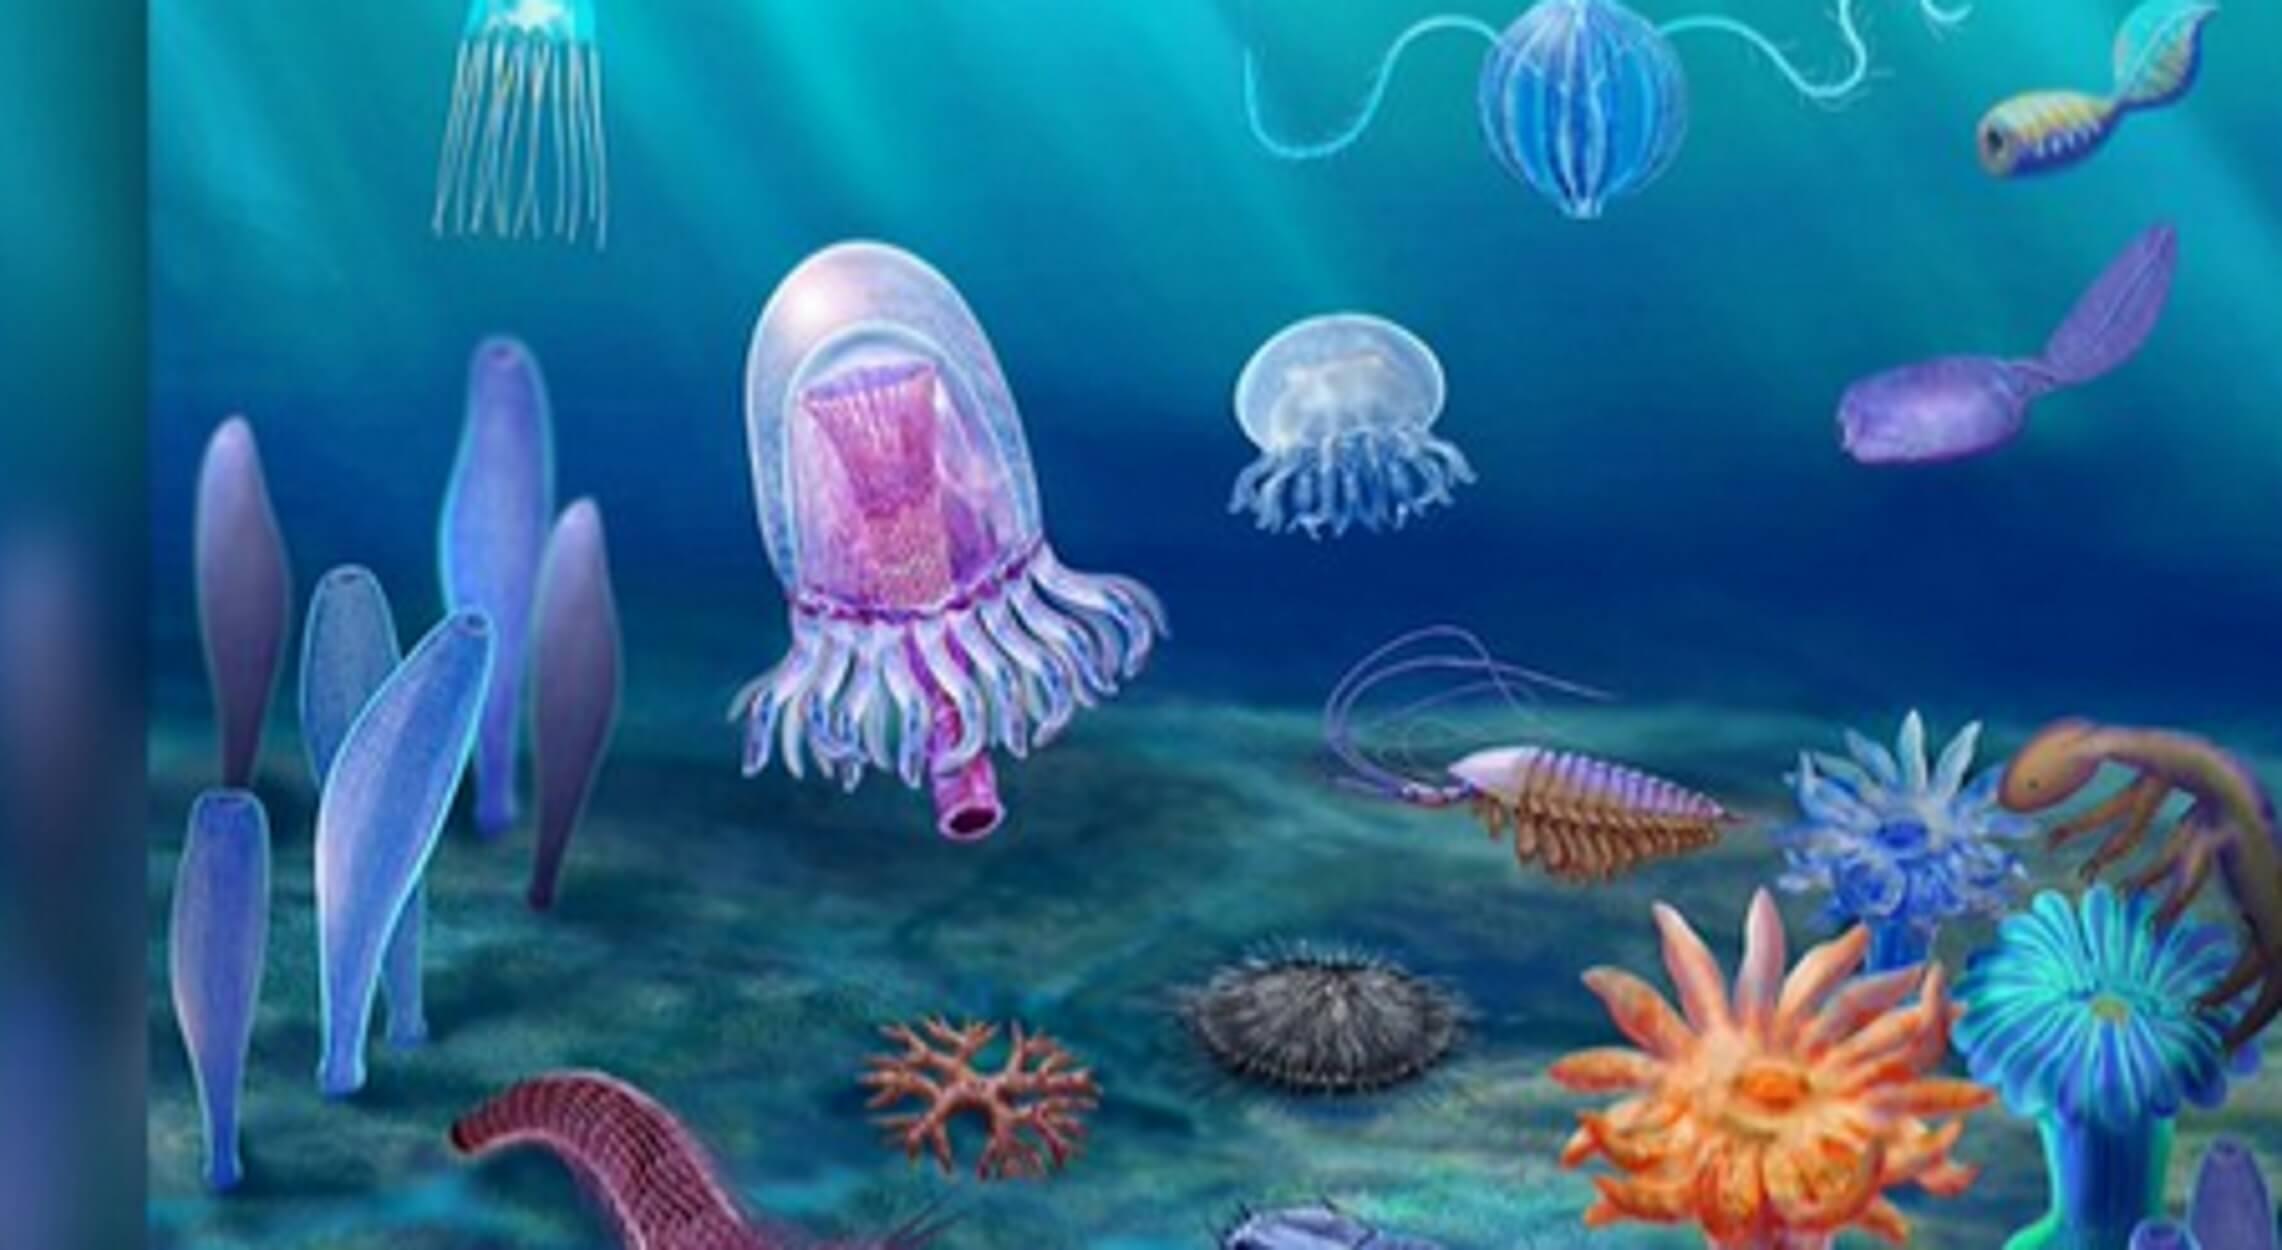 Συγκλονιστικό! Ανακαλύφθηκαν απολιθώματα από αρχέγονα ζώα - Ζούσαν στη Γη πριν από 500 εκατομμύρια χρόνια